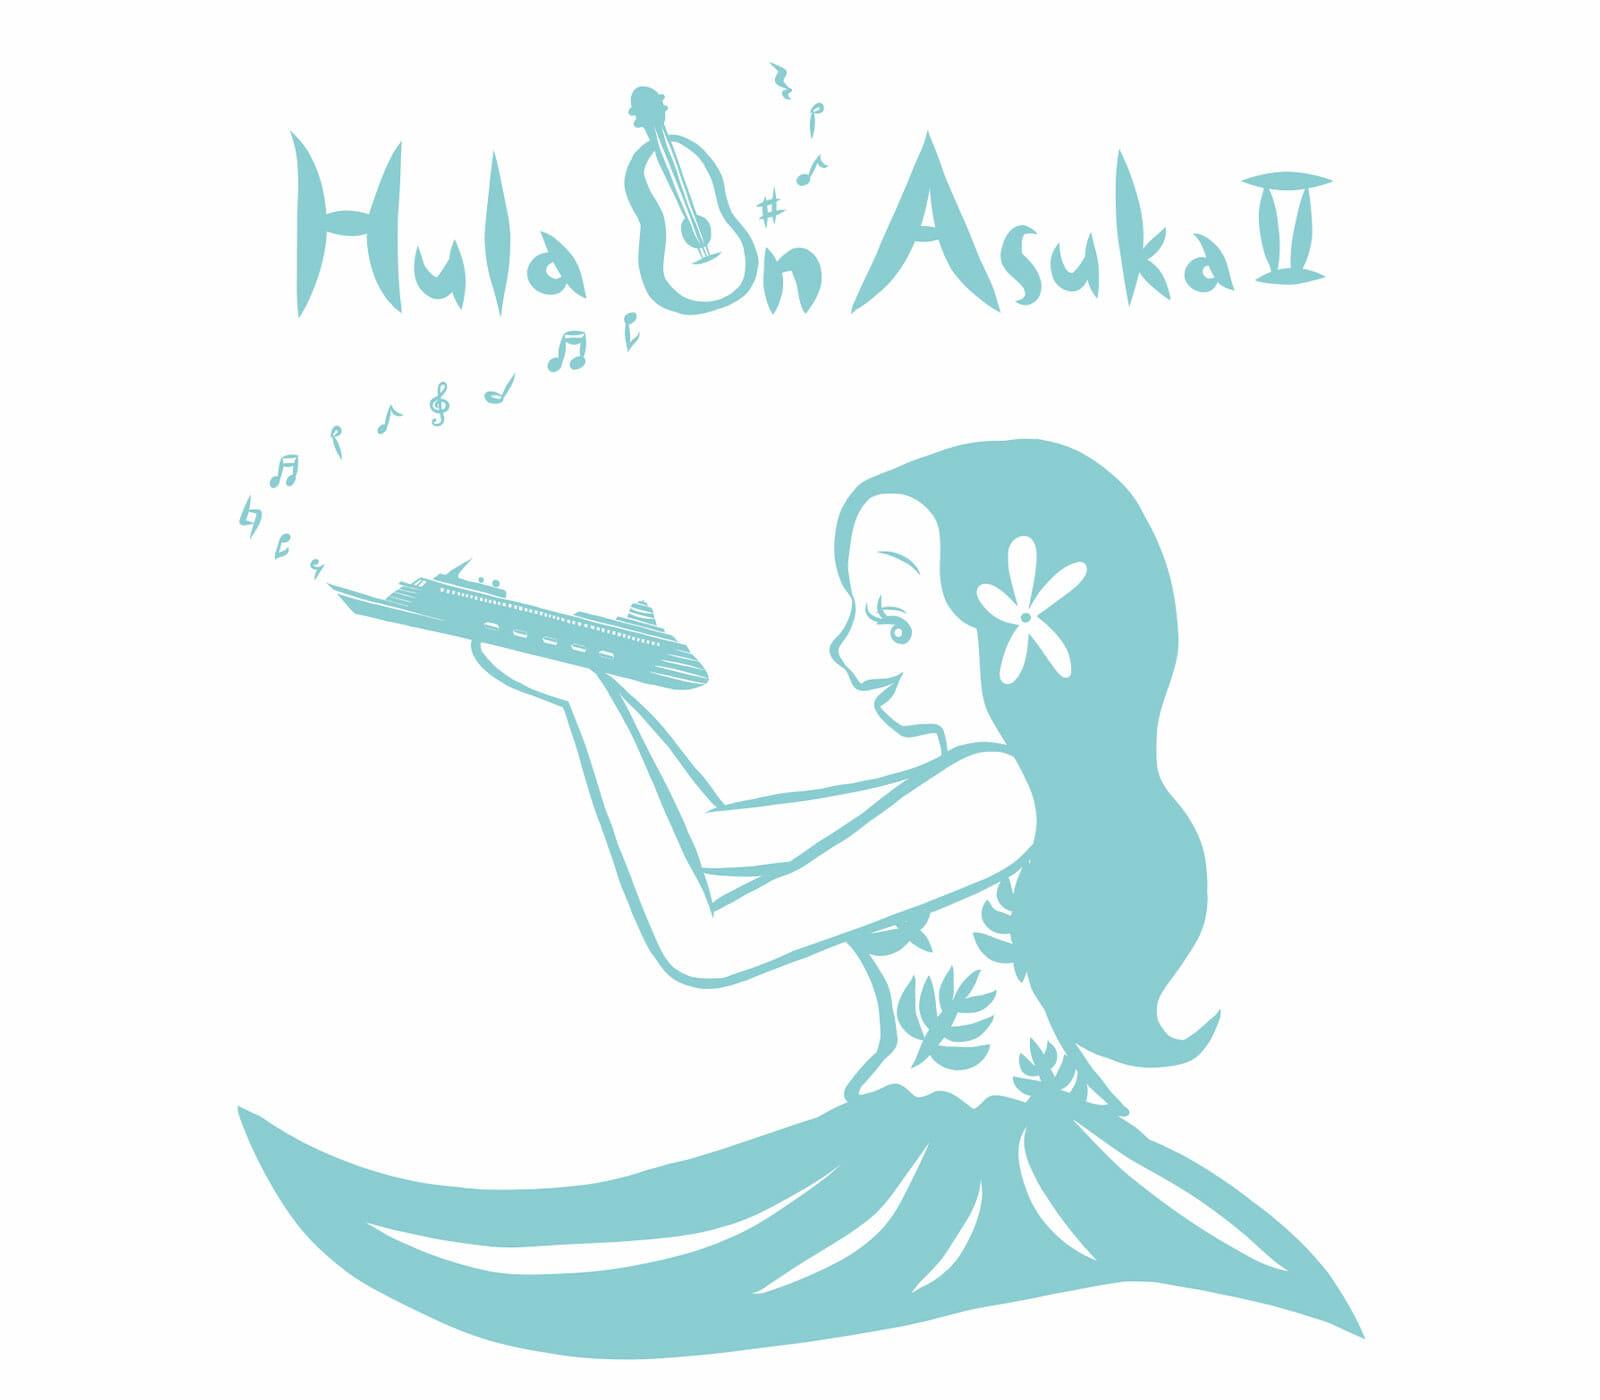 メッセージ「~HULA ON ASUKAⅡ~」